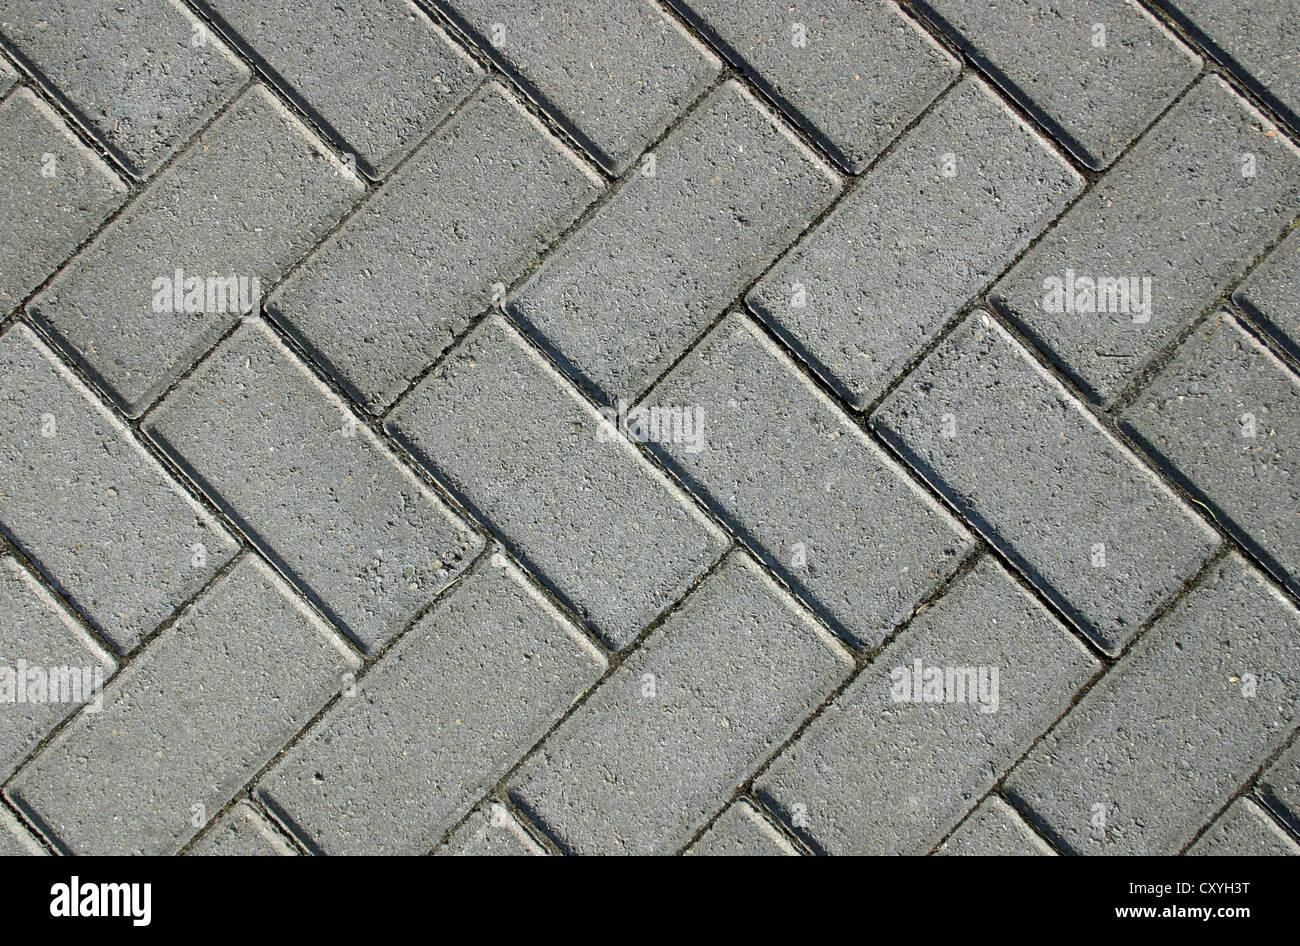 La textura de un ladrillo walk para fondos Imagen De Stock